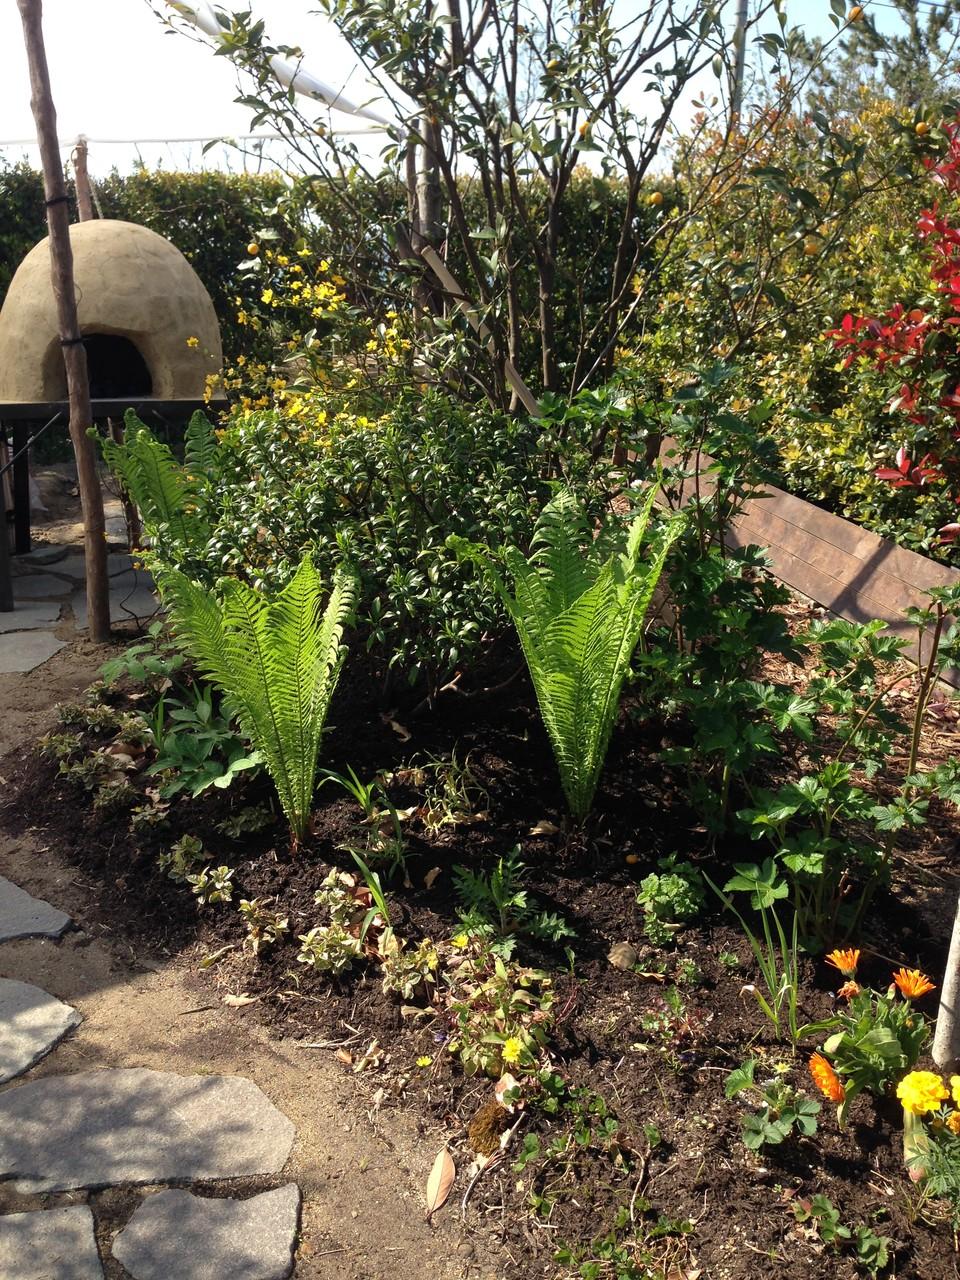 下草はそれぞれのあるべき場所へ。人へ有用な植物や植物同士が助け合い(コンパニオンプランツ)育つをデザインしています